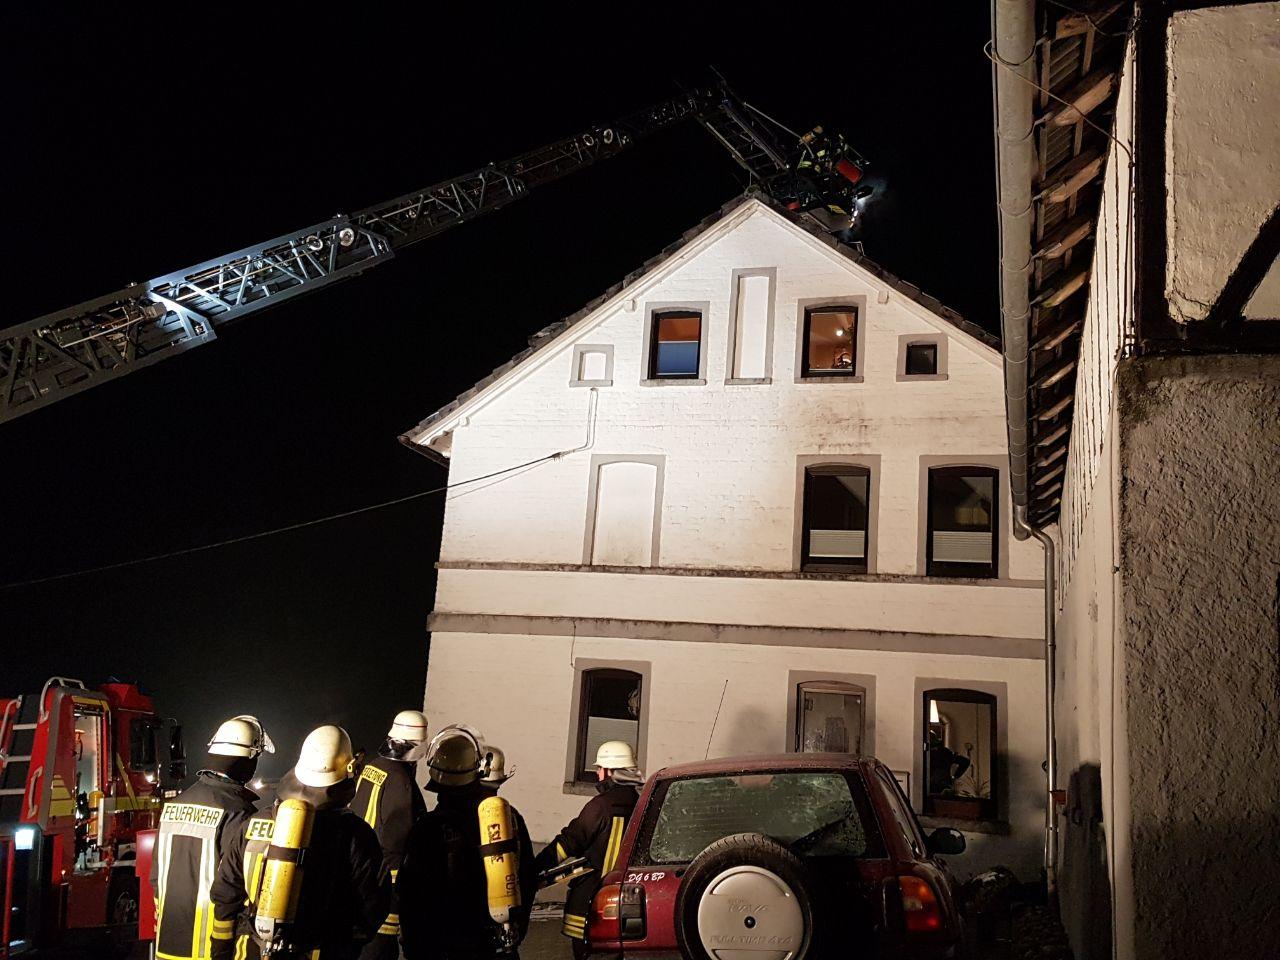 Überörtliche Hilfe – Rußbrand im Schornstein in Obermarpe